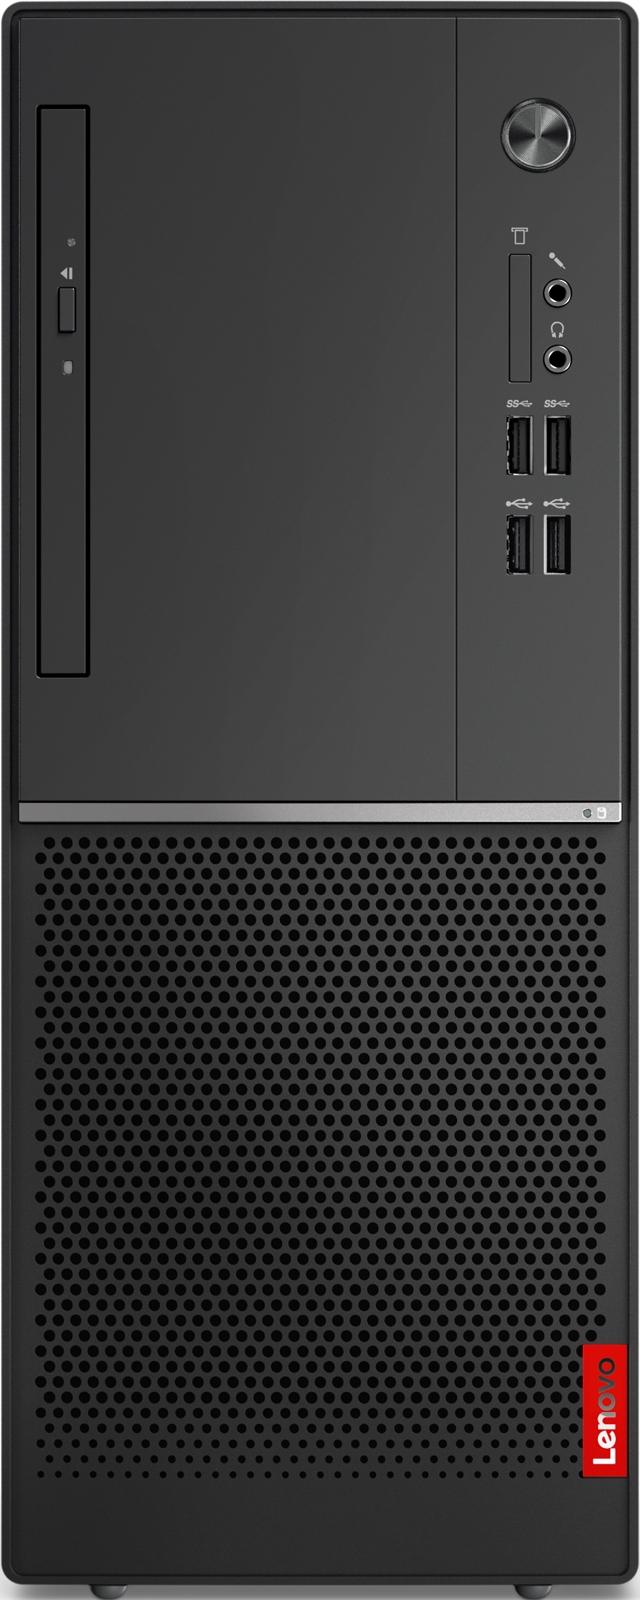 Системный блок Lenovo V330-15IGM MT, 10TS001KRU, черный все цены